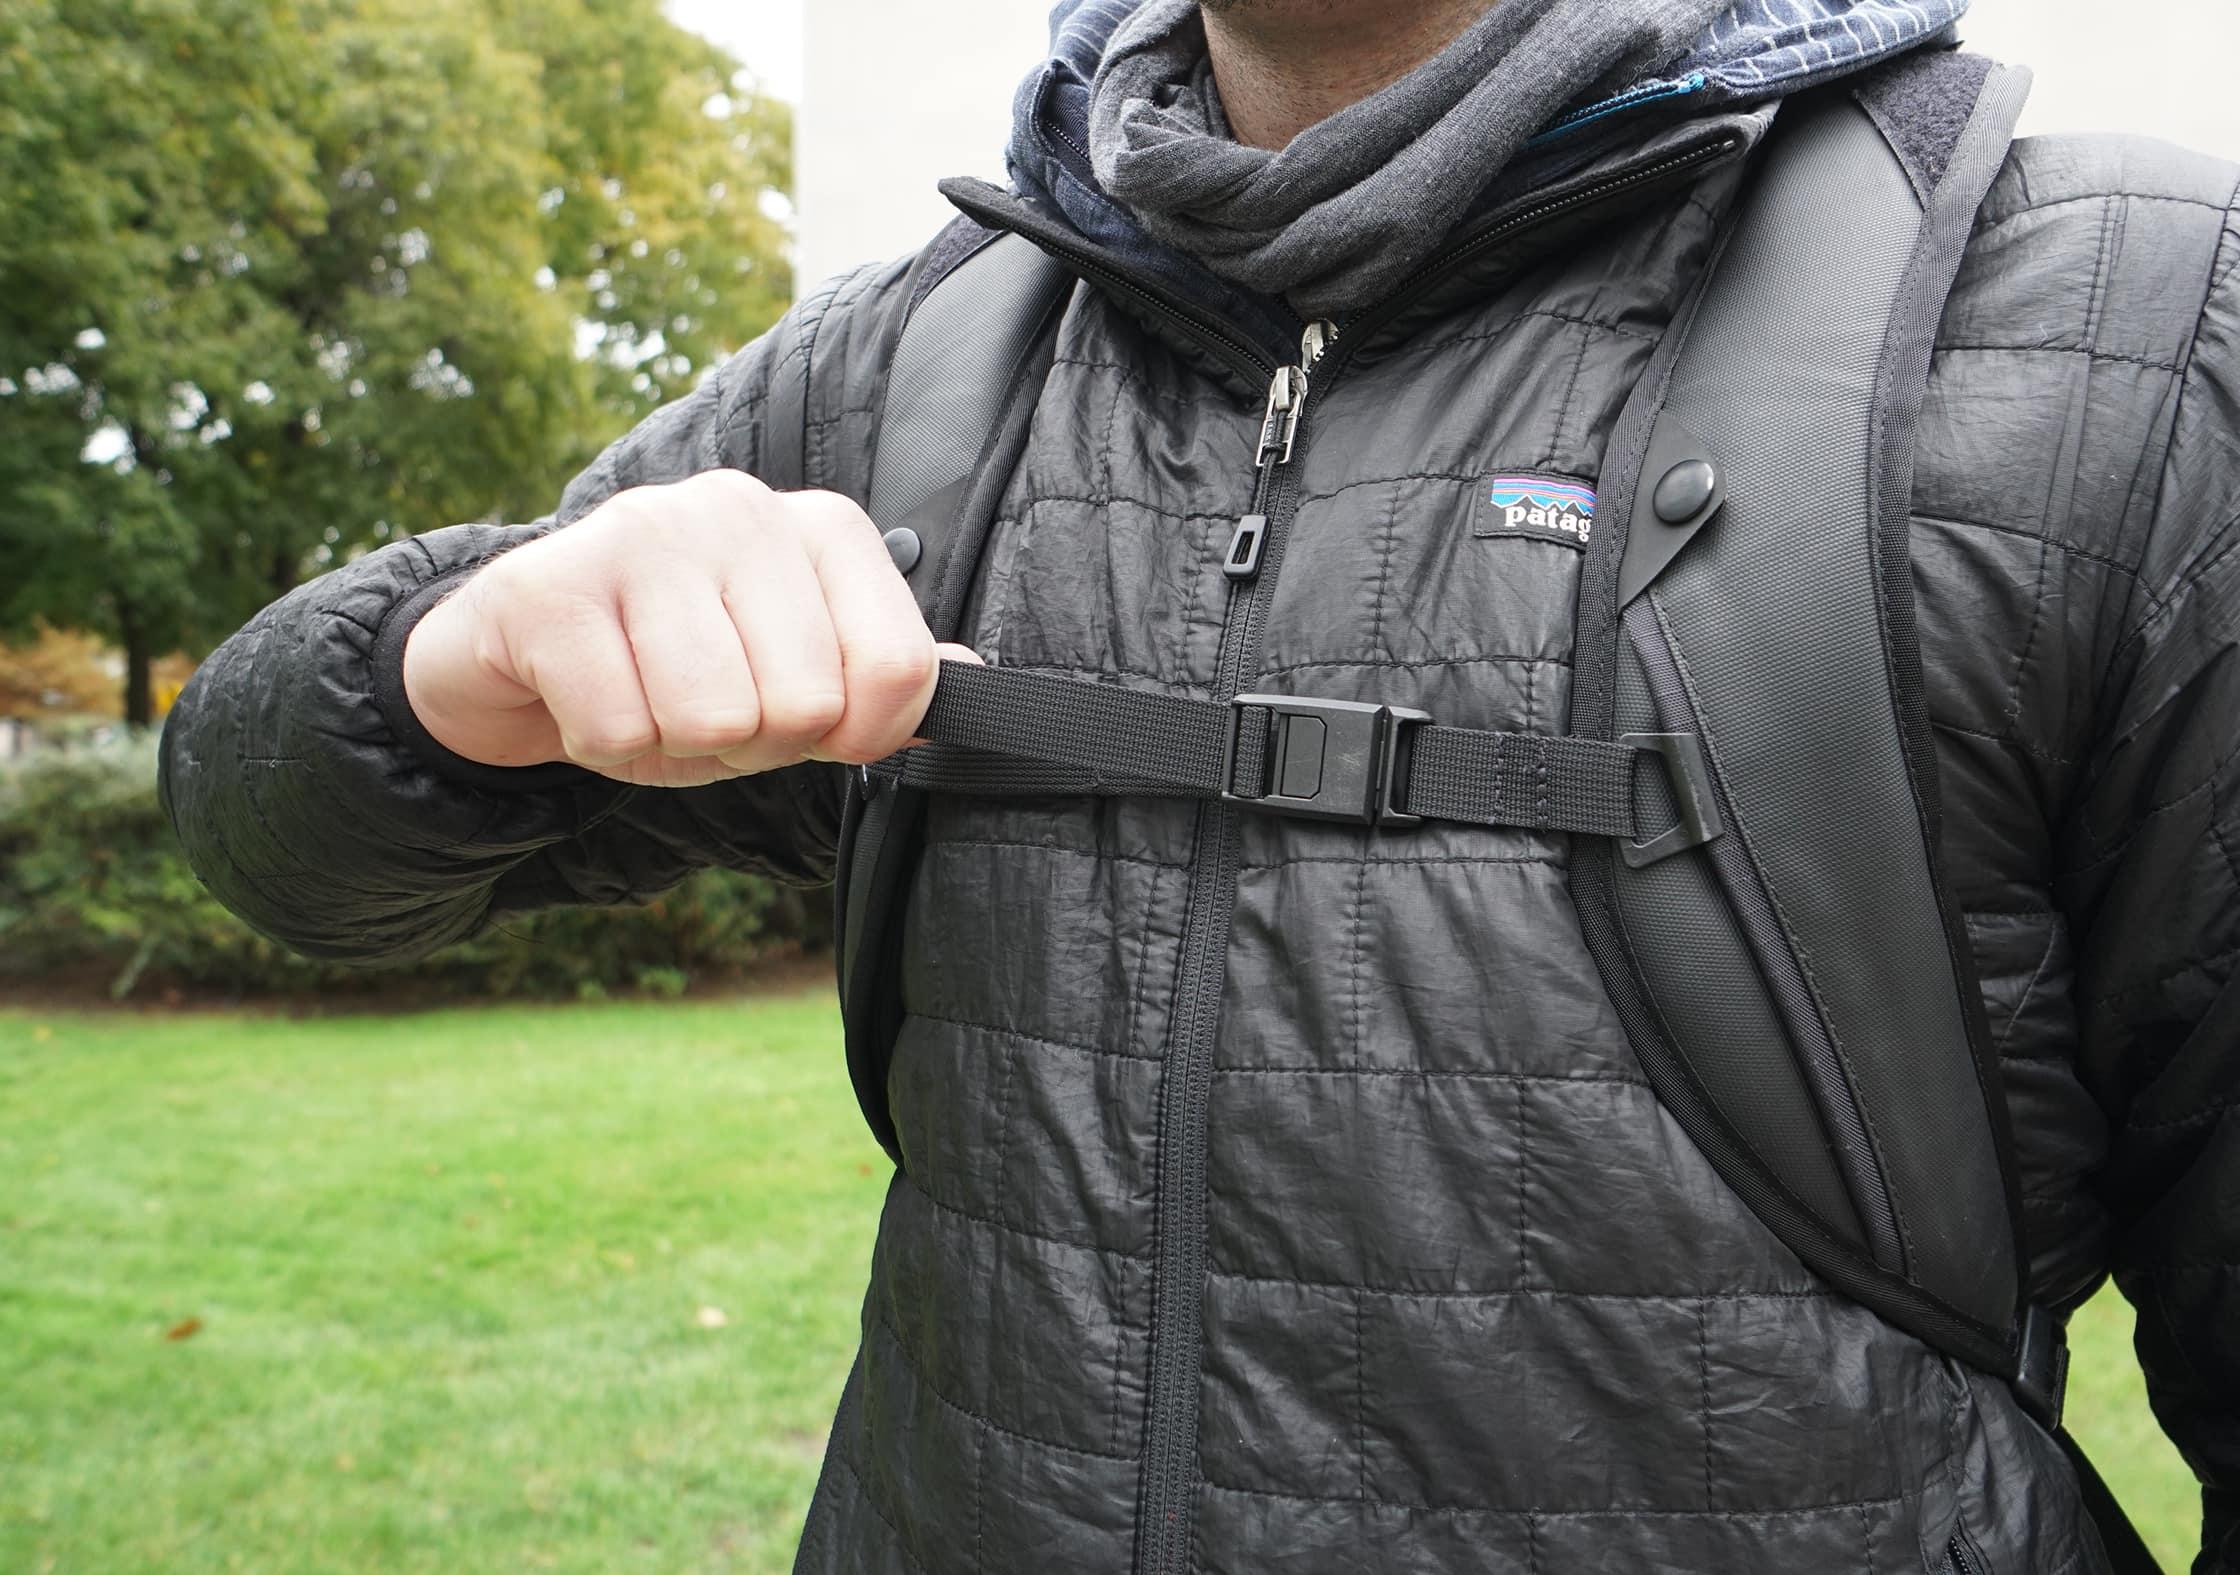 Black Ember Citadel Modular Backpack Sternum Strap